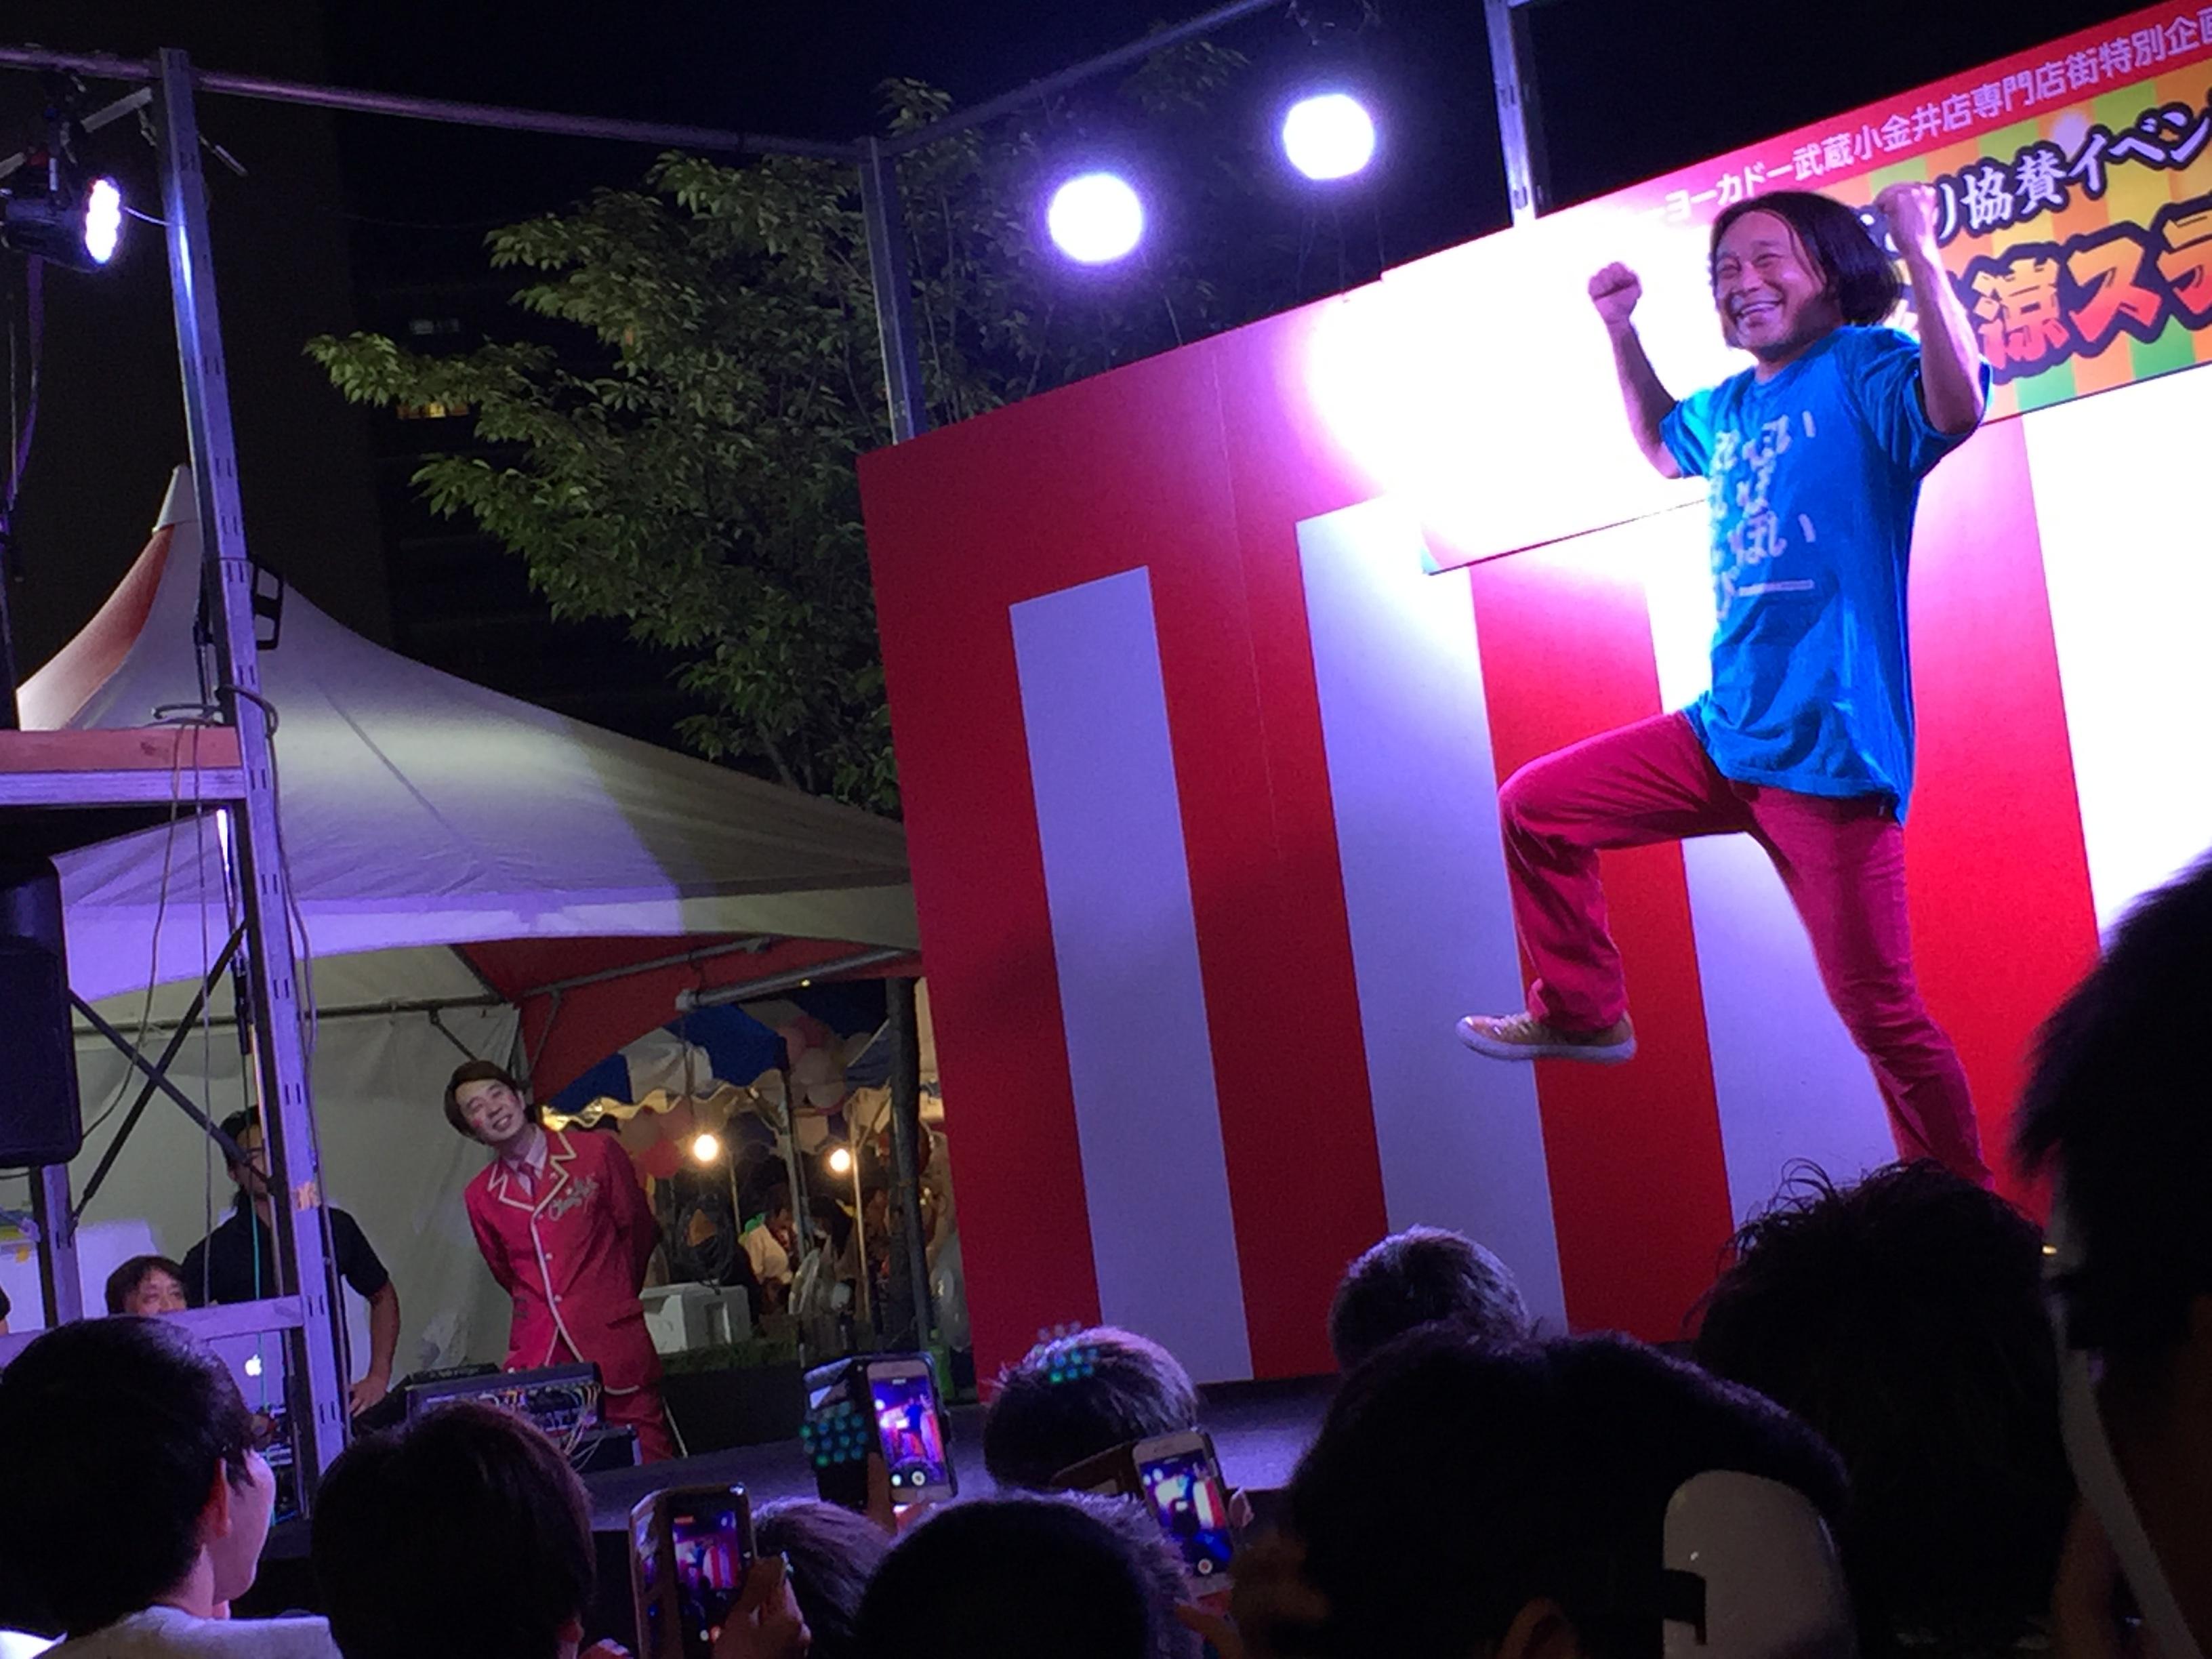 武蔵小金井納涼ステージ2018楽しかった!